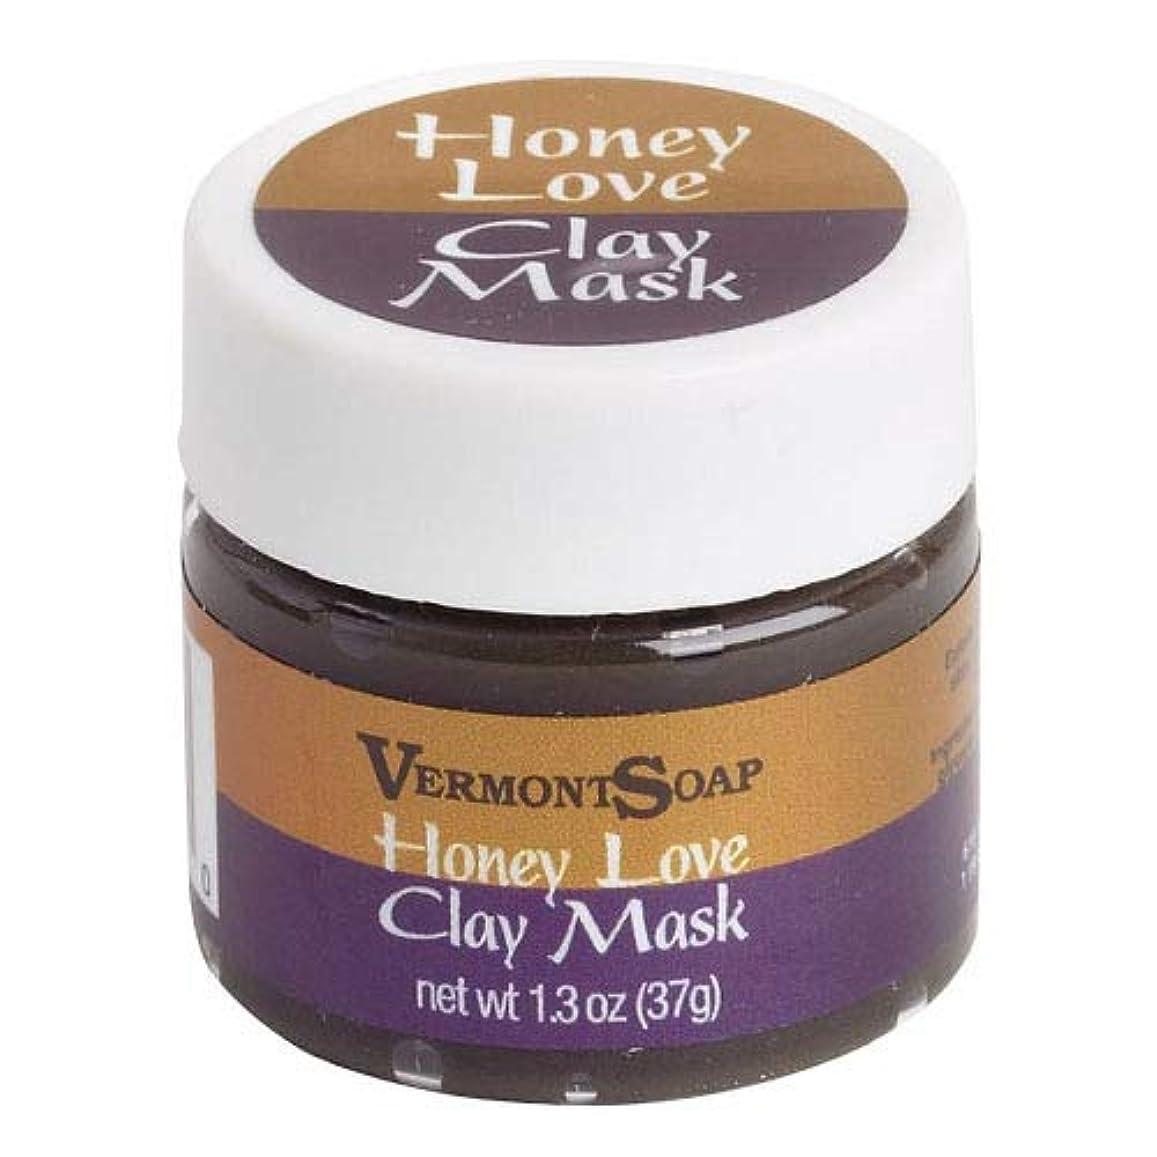 VermontSoap バーモントソープ ビューティーマスククレイ HONEY LOVE CLAY MASK (S) 37g